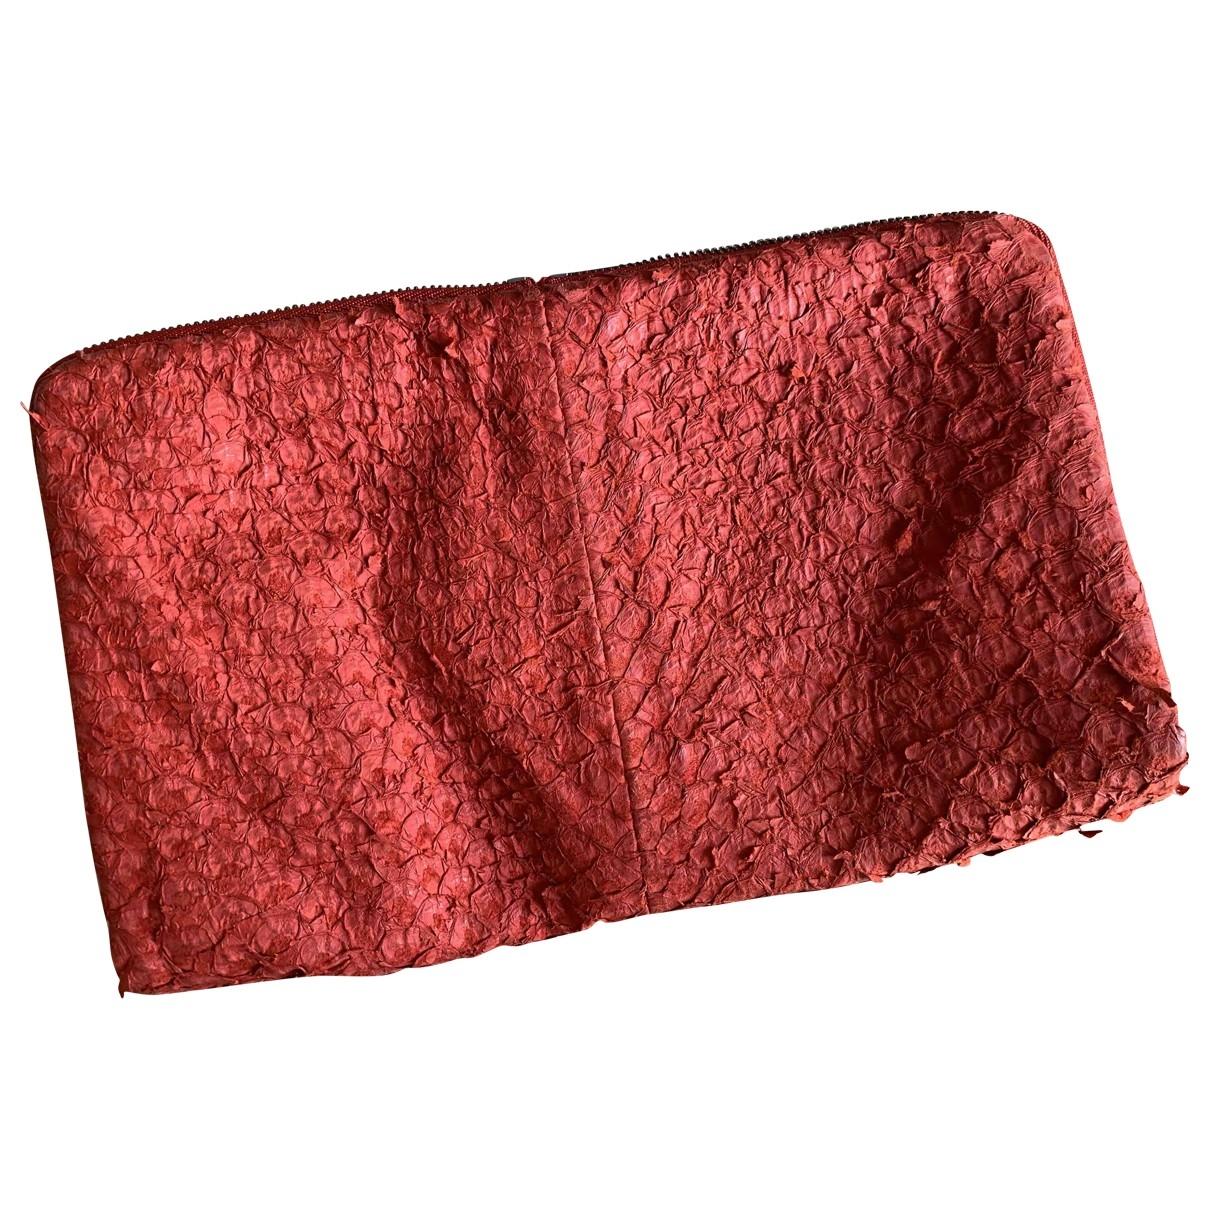 Helmut Lang \N Clutch in  Rot Leder